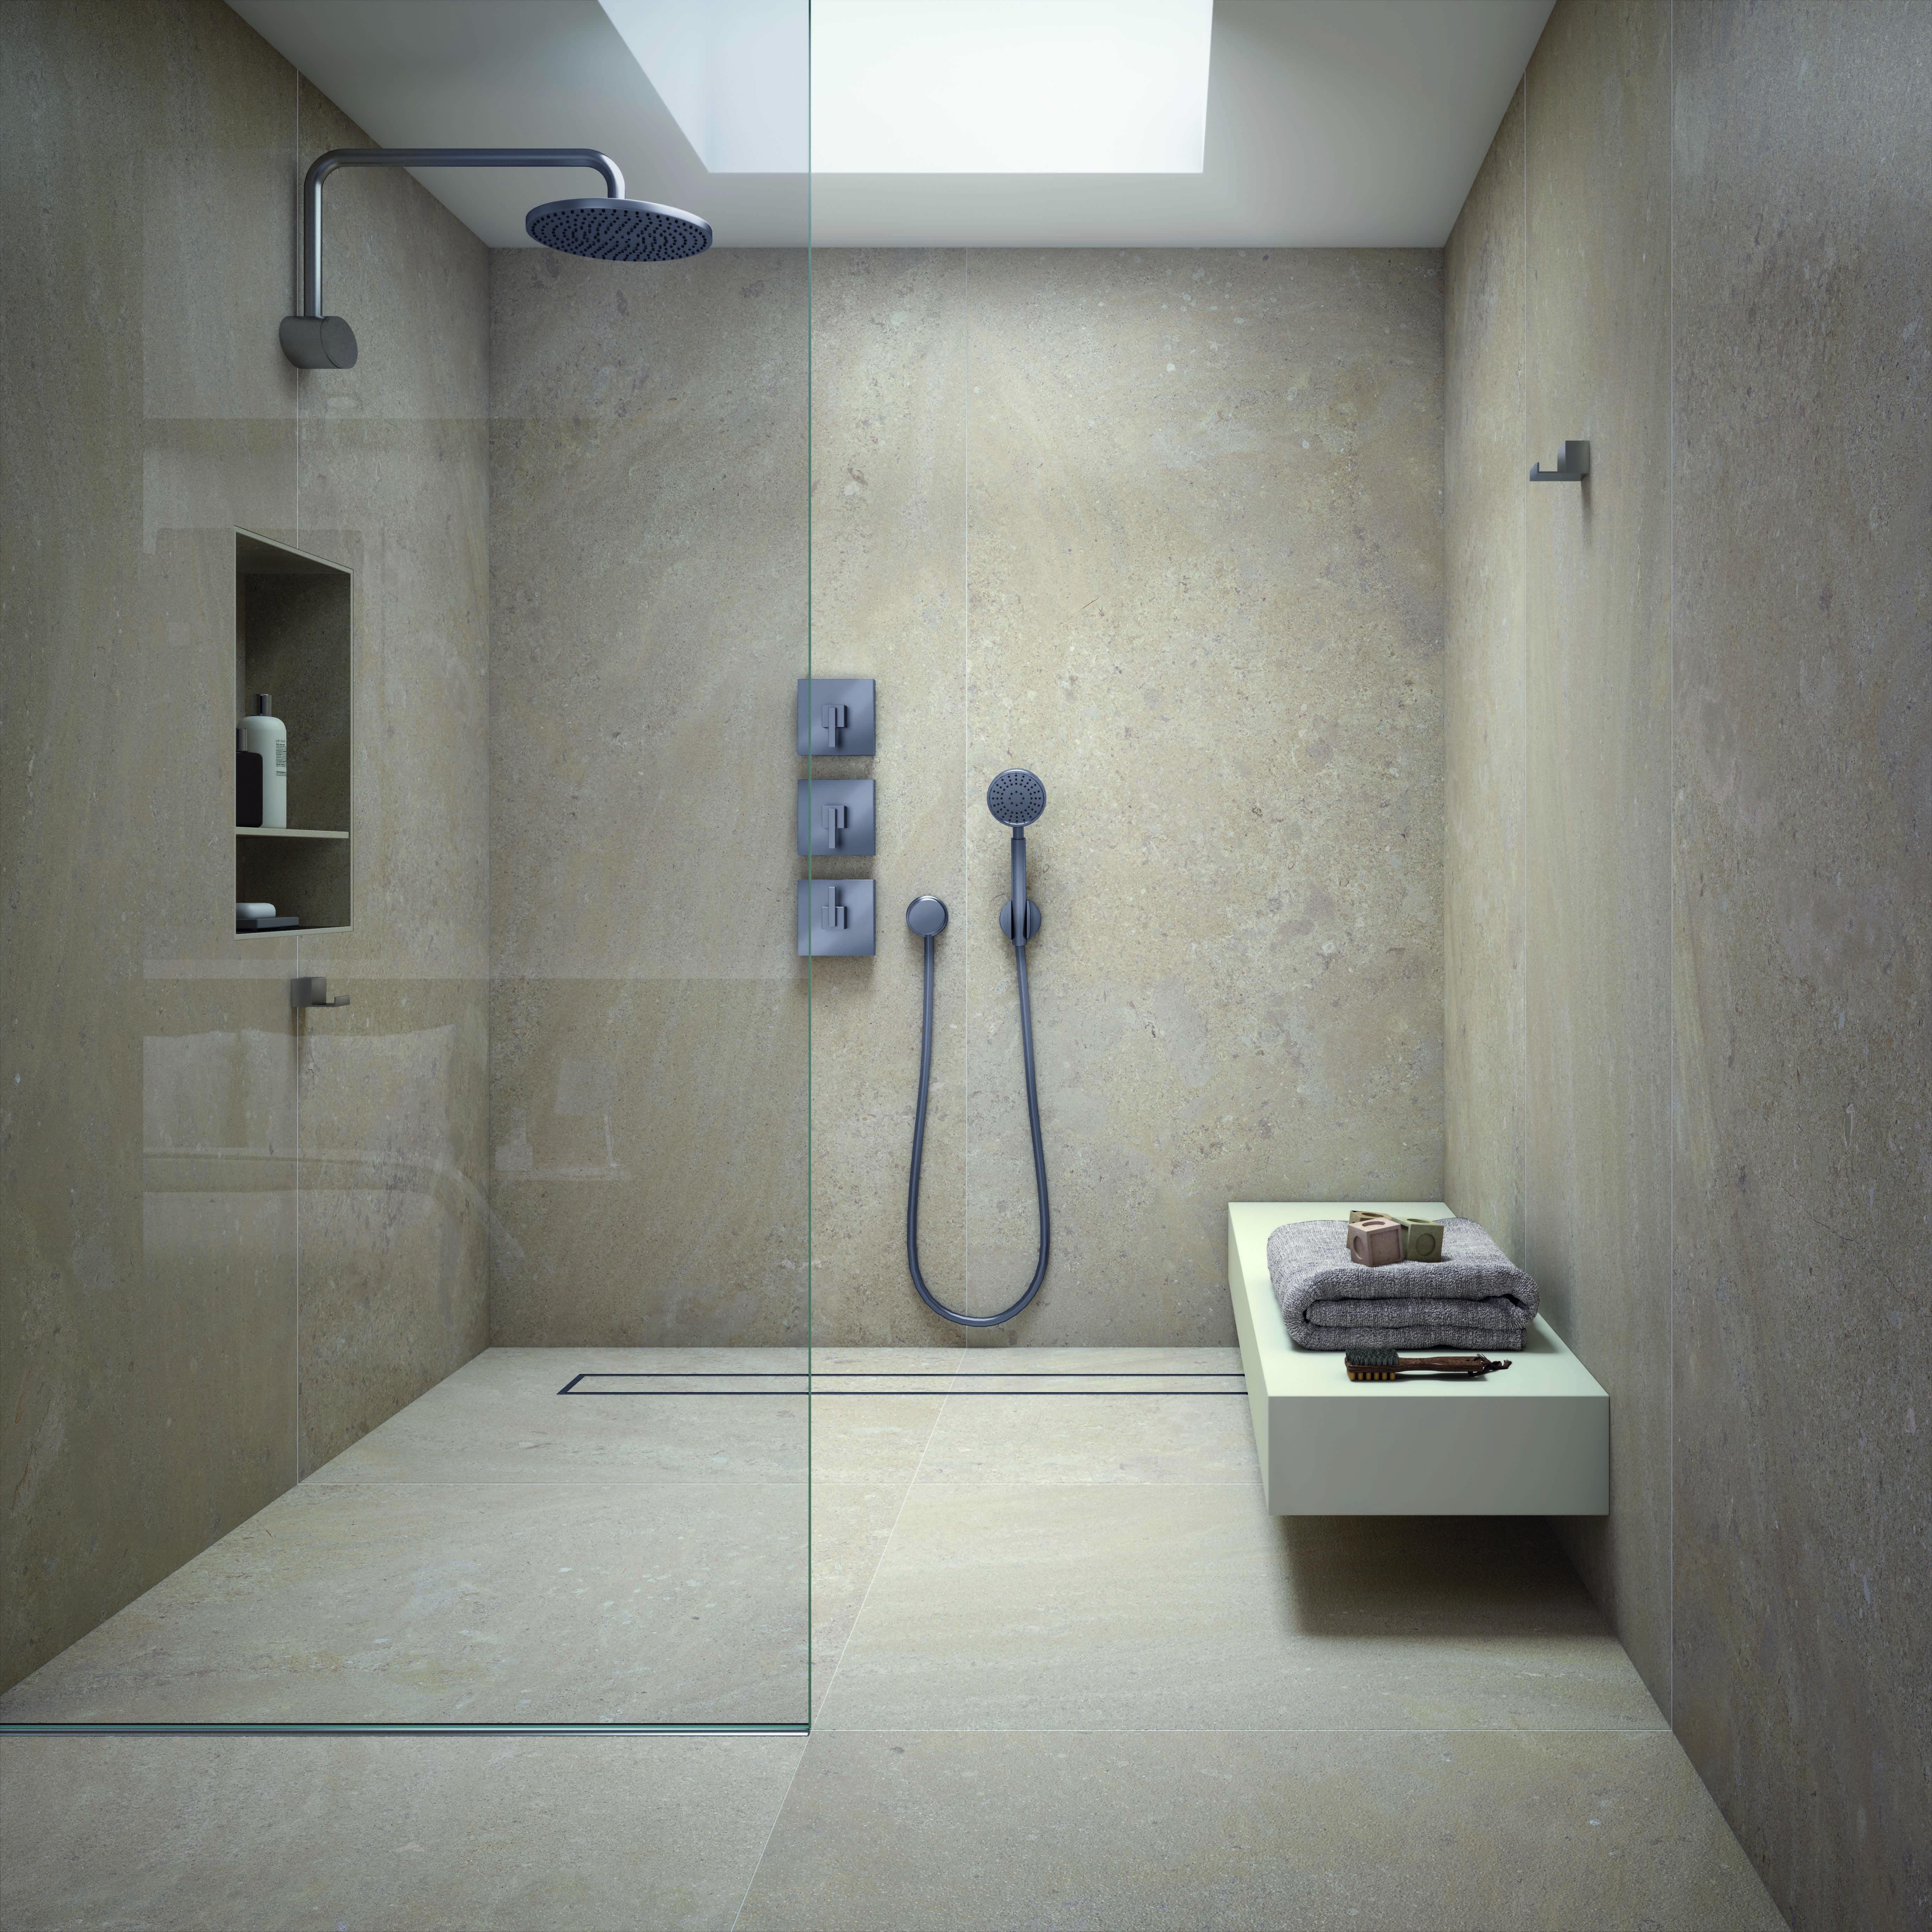 Ceralsio tiles